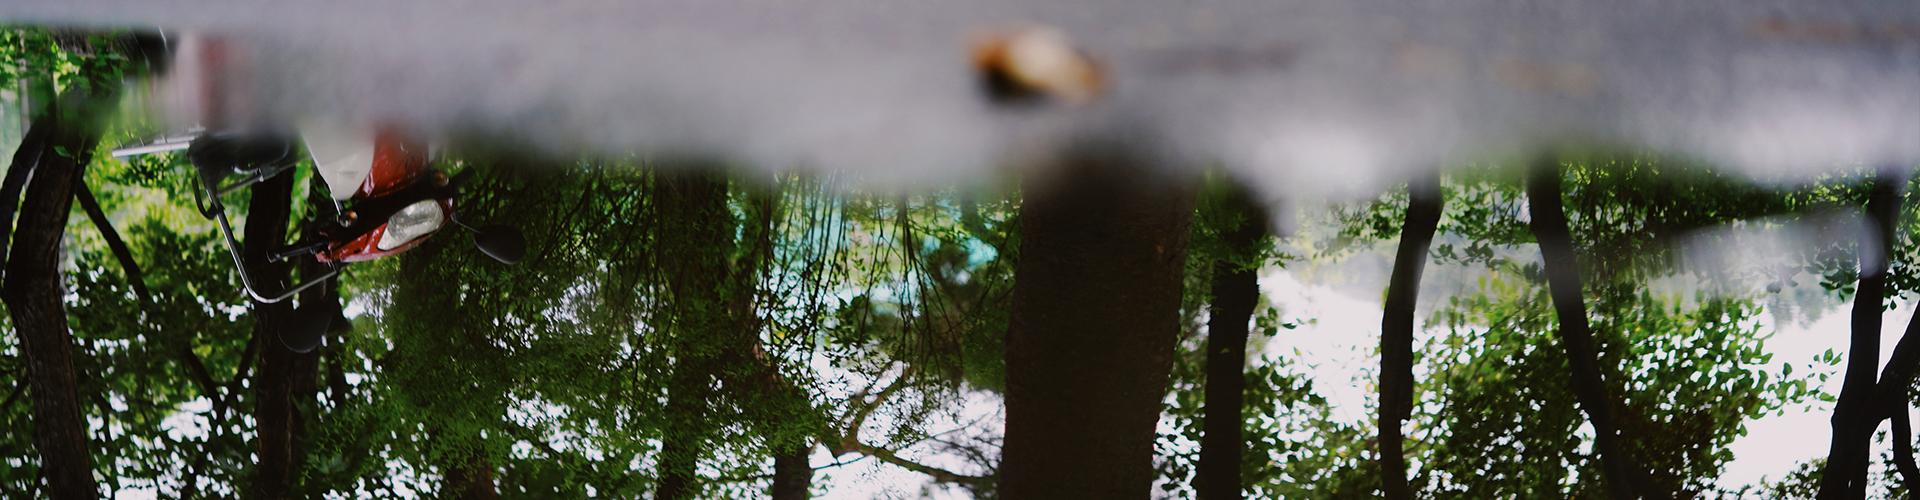 물에 비친 나무